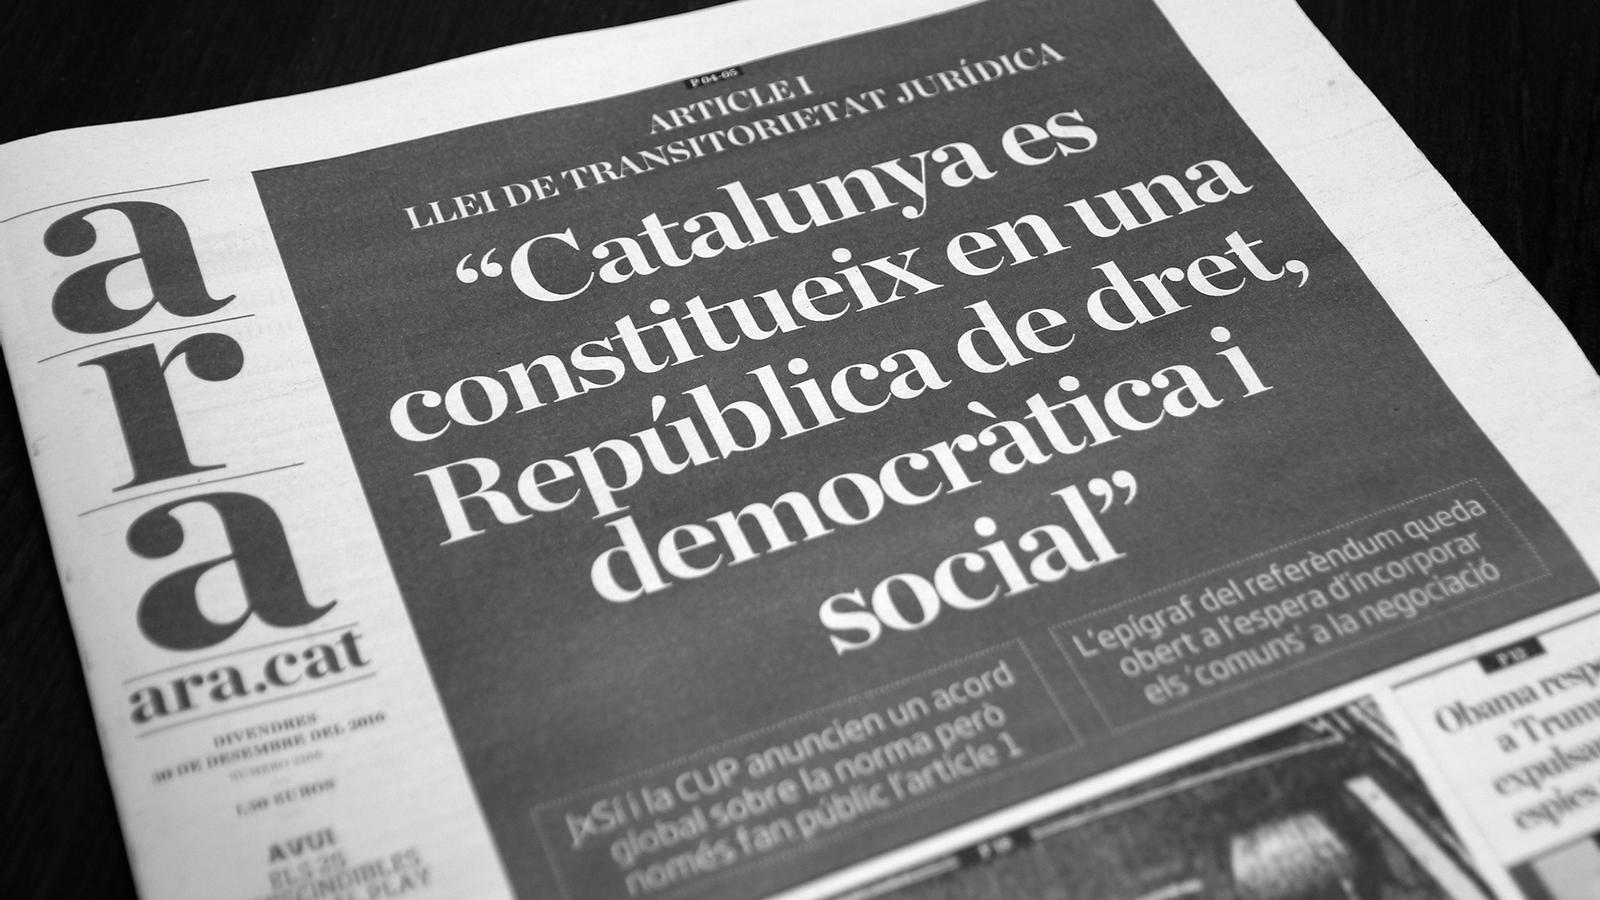 L'anàlisi d'Antoni Bassas: 'La república, a una papereta de distància'